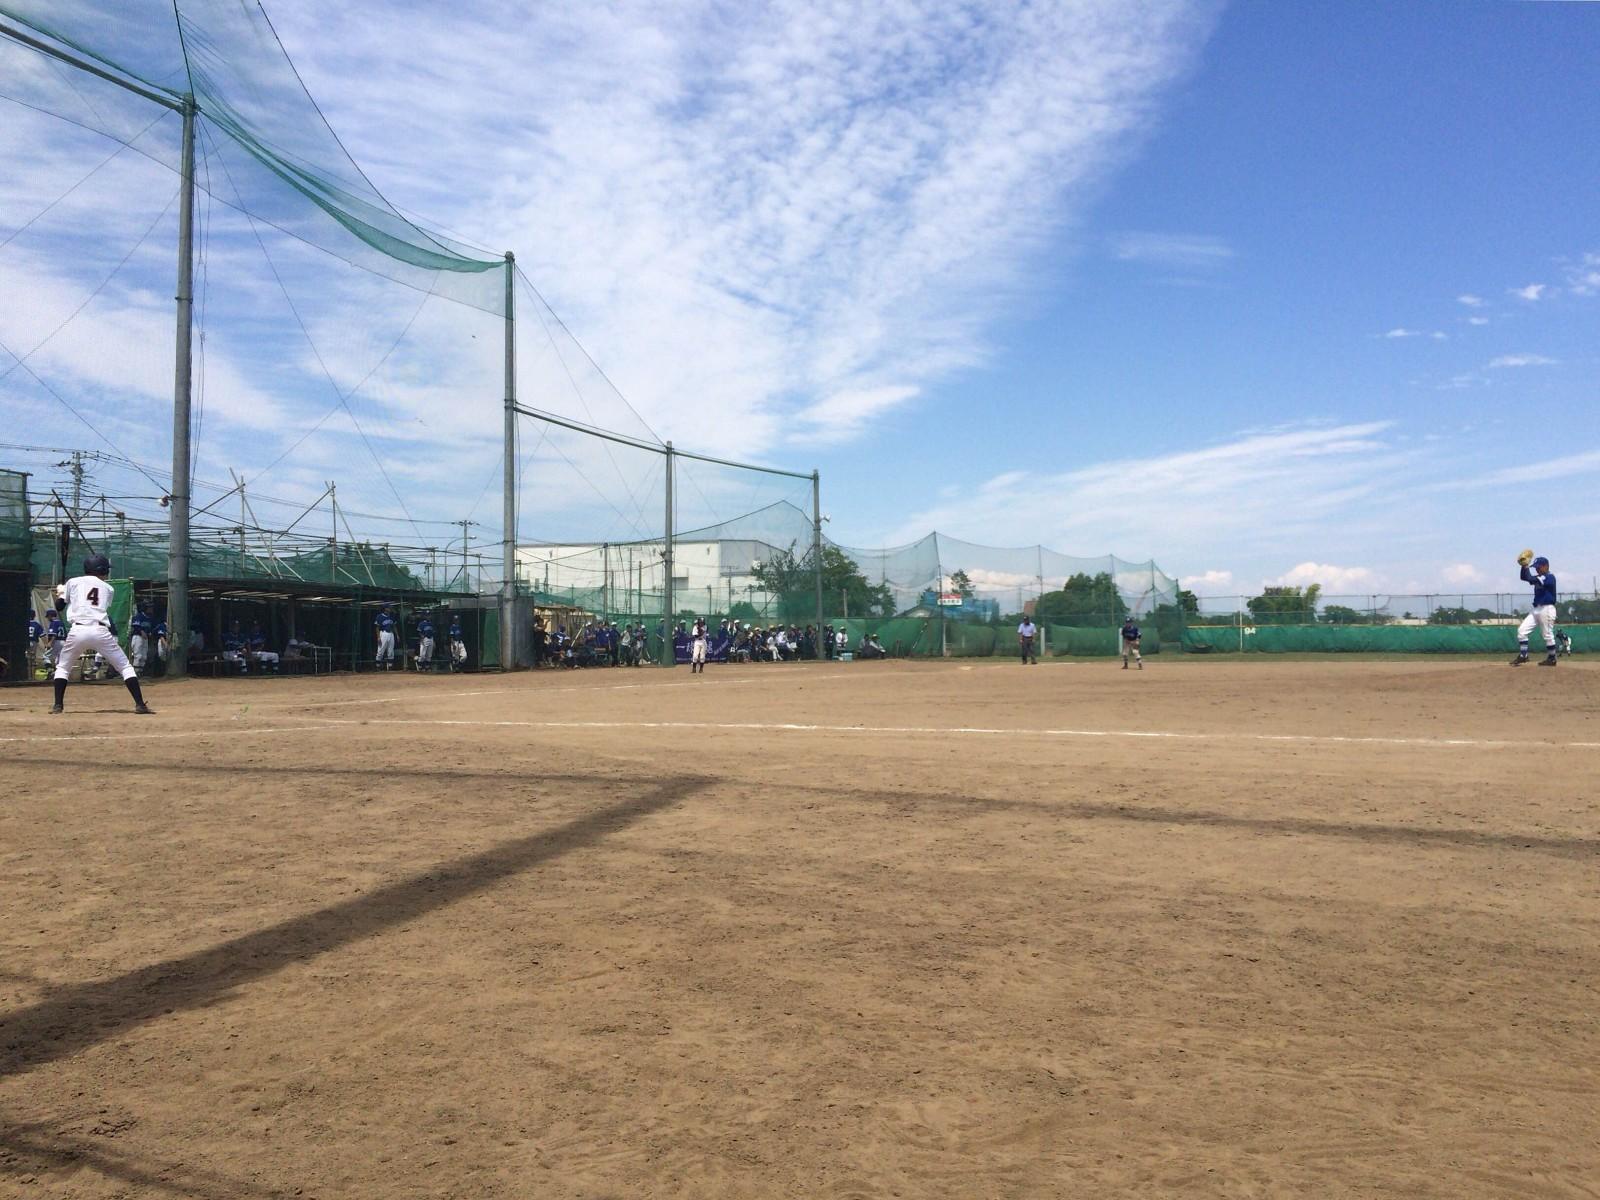 2015メイコウカップ関東連盟夏季大会 2回戦 秩父リトルシニア戦